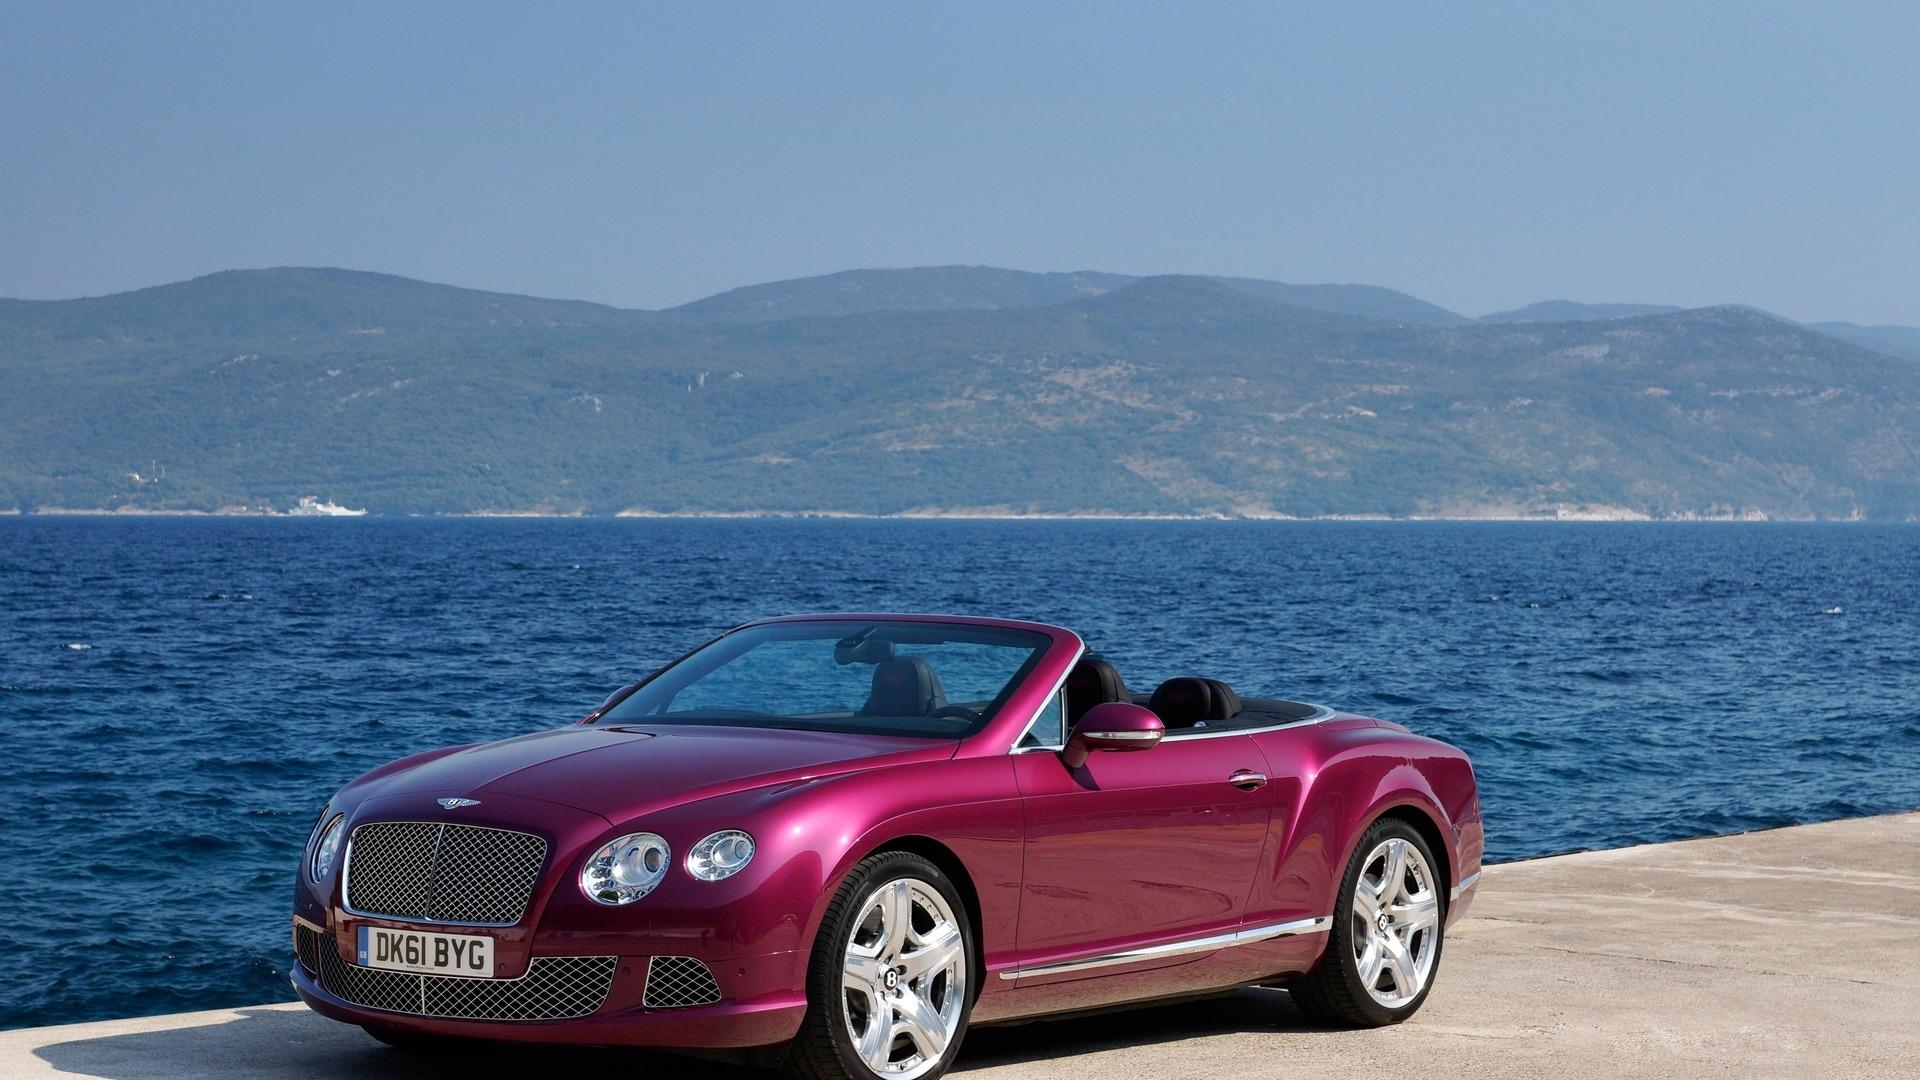 28203 скачать обои Транспорт, Машины, Бэнтли (Bentley) - заставки и картинки бесплатно